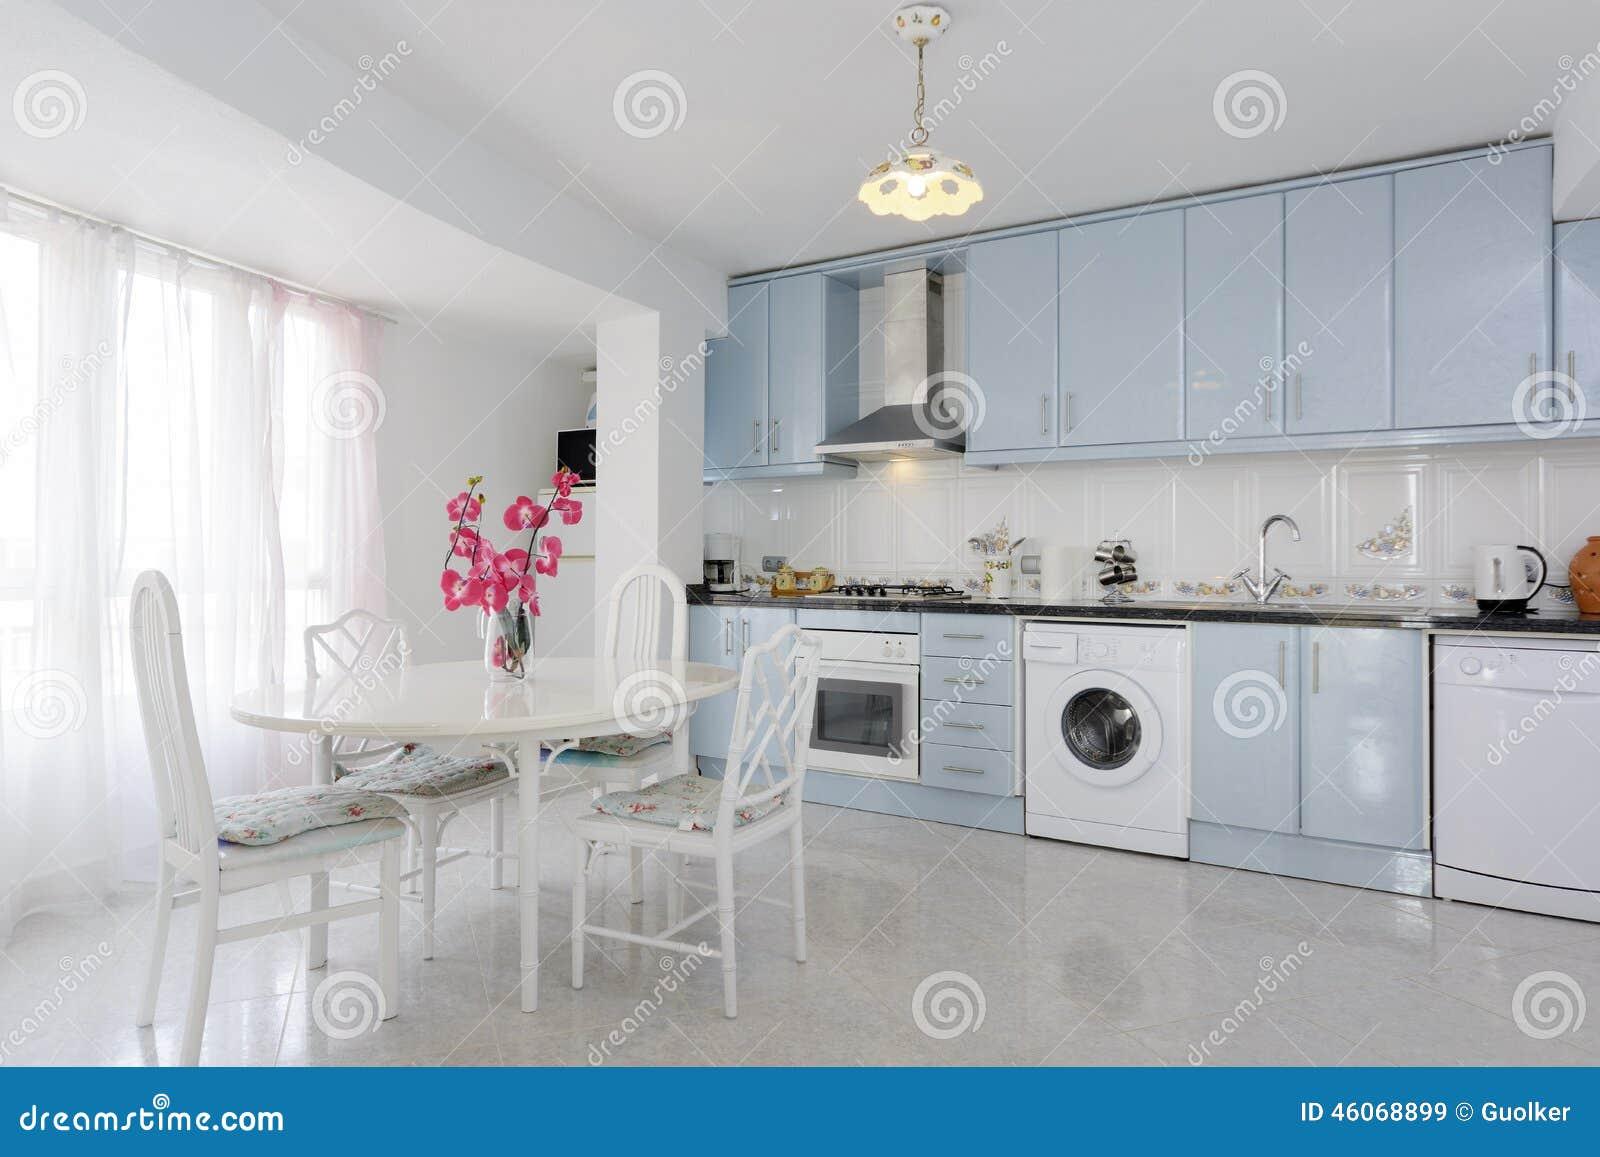 Blauwe Keuken Royalty-vrije Stock Afbeelding - Afbeelding: 2433196